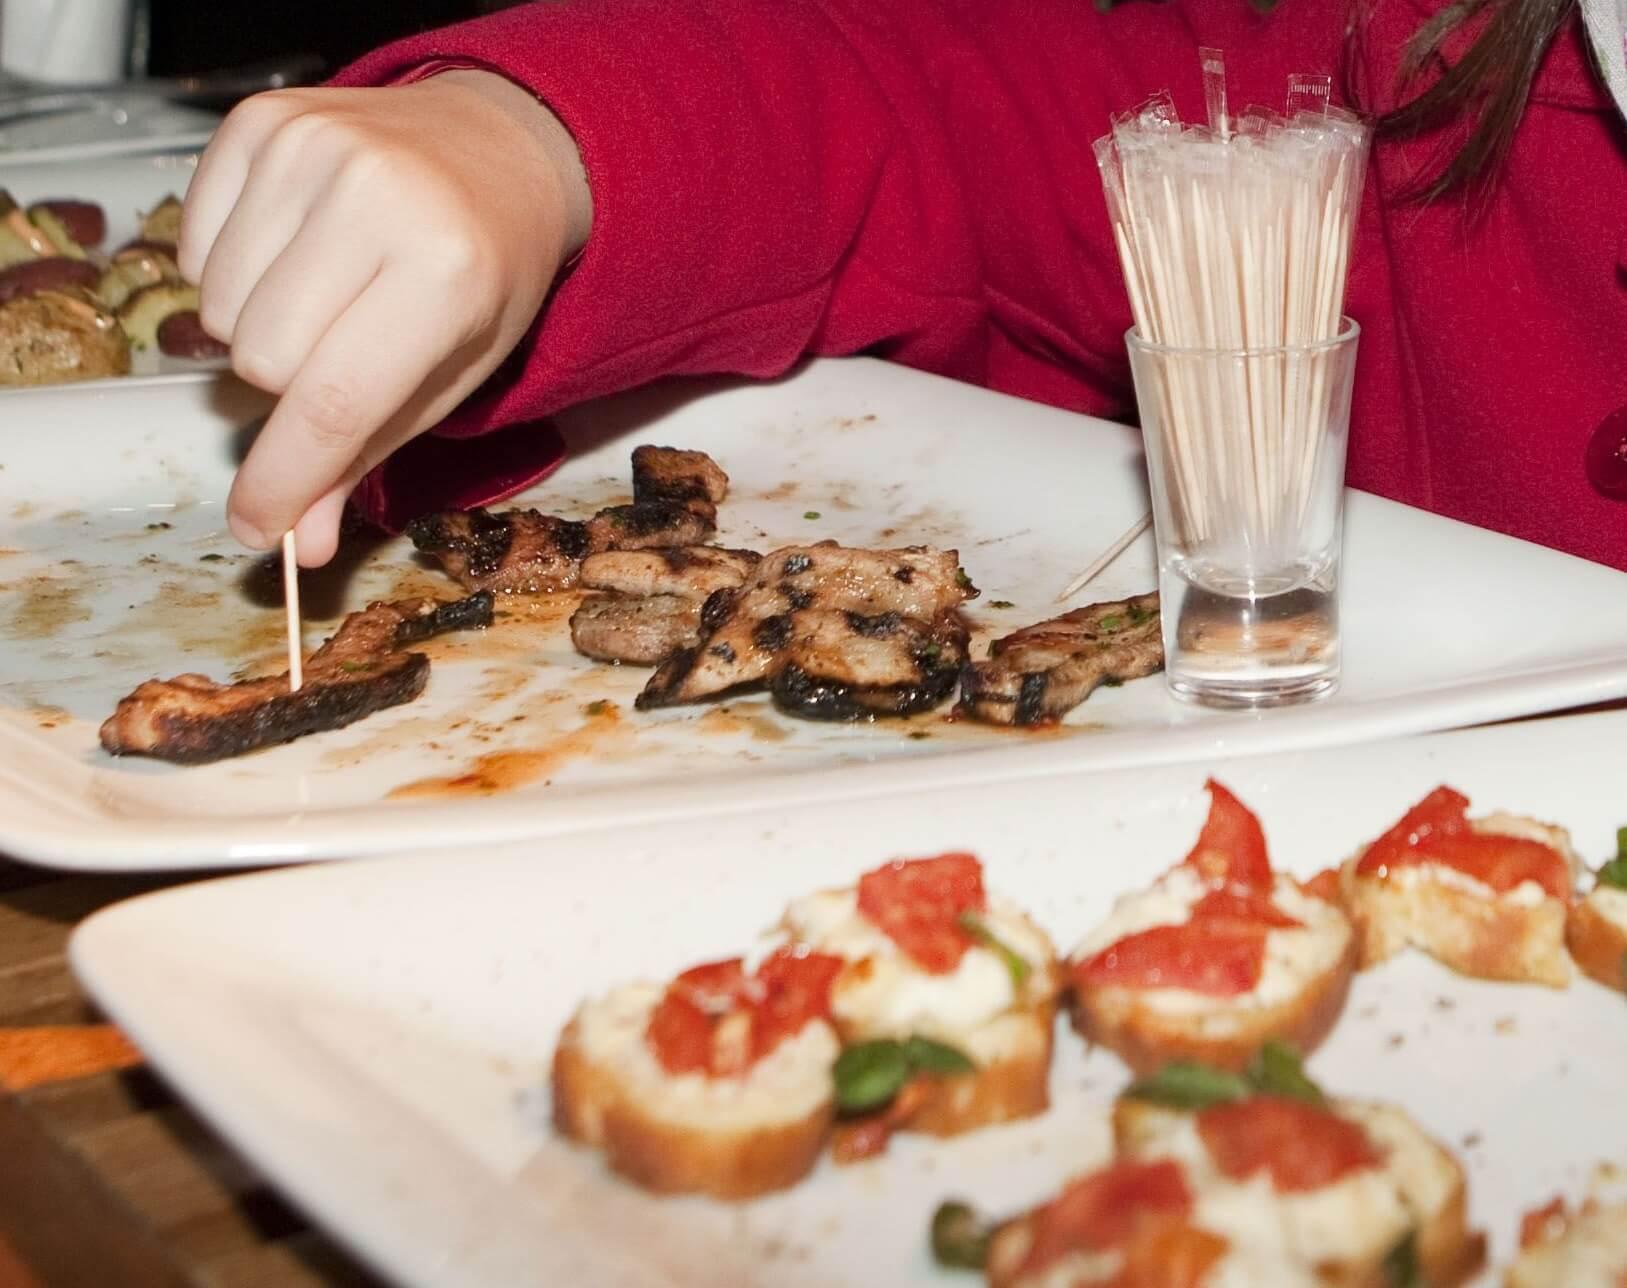 Θεσσαλονίκη: Έρχεται το πρώτο food festival για χορτοφάγους